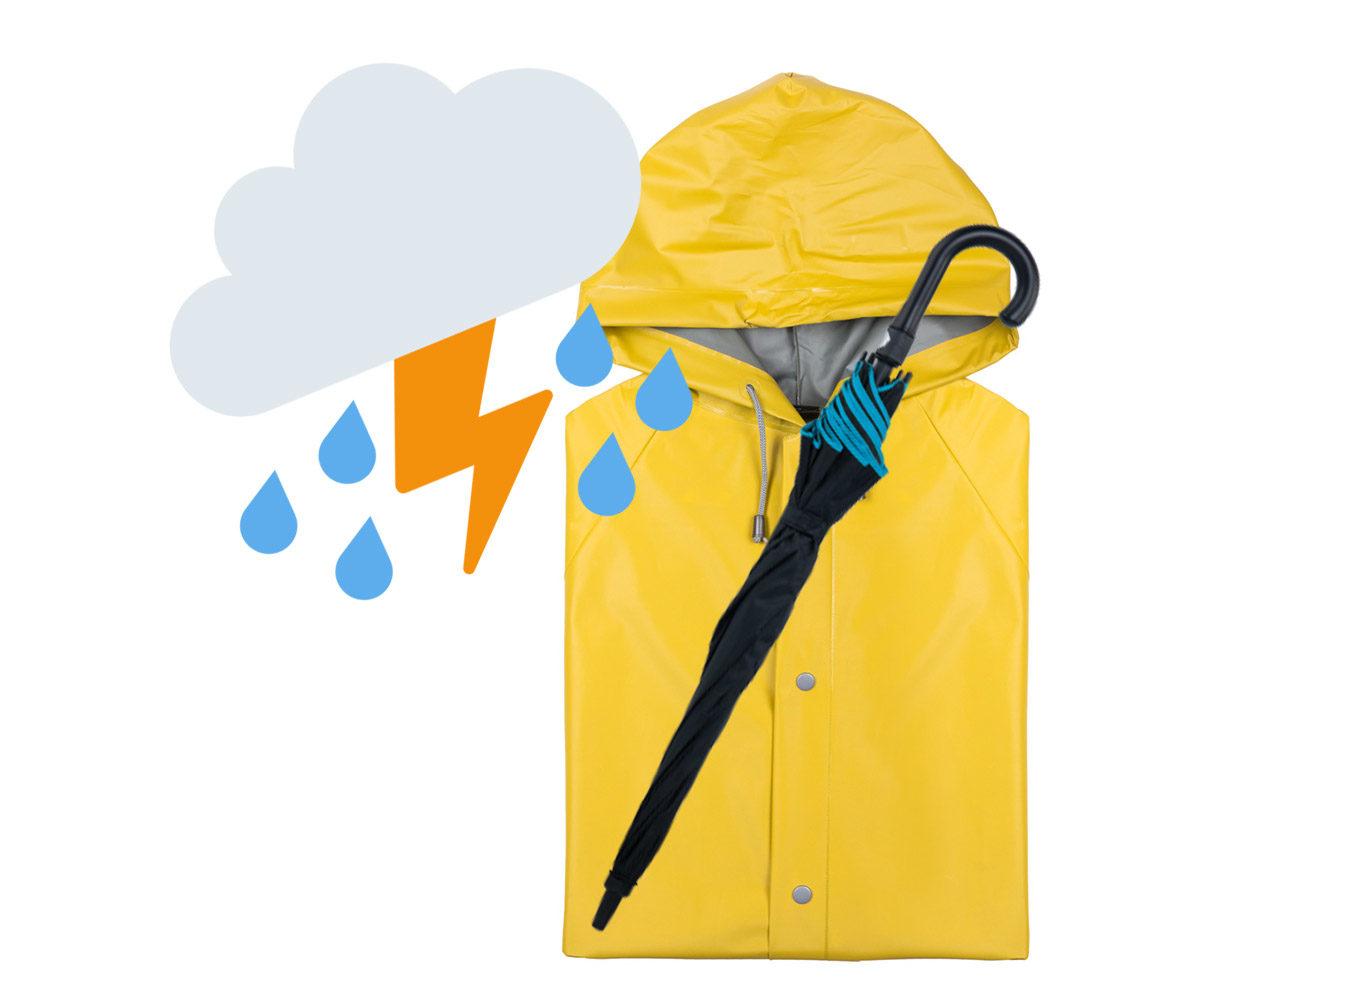 Regen im Herbst? Mit diesen Werbemitteln bleiben Sie trocken!